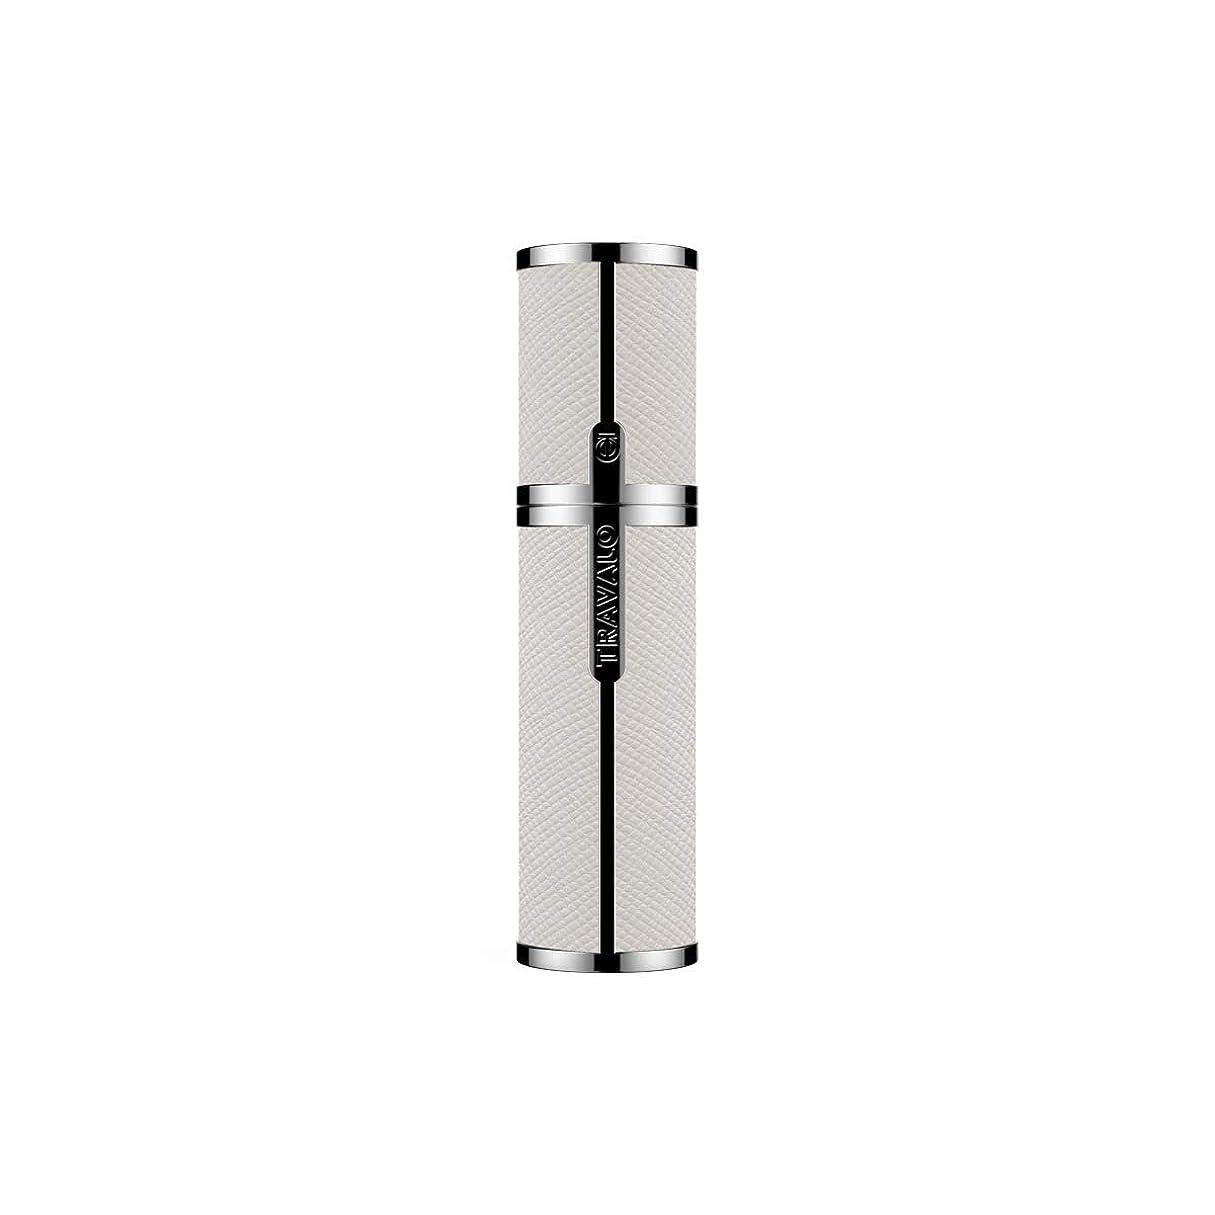 困惑した汚染コマースTRAVALO (トラヴァ―ロ) ミラノ アトマイザー ホワイト 香水 旅行 携帯 詰め替え ボトル 簡単 香水スプレー